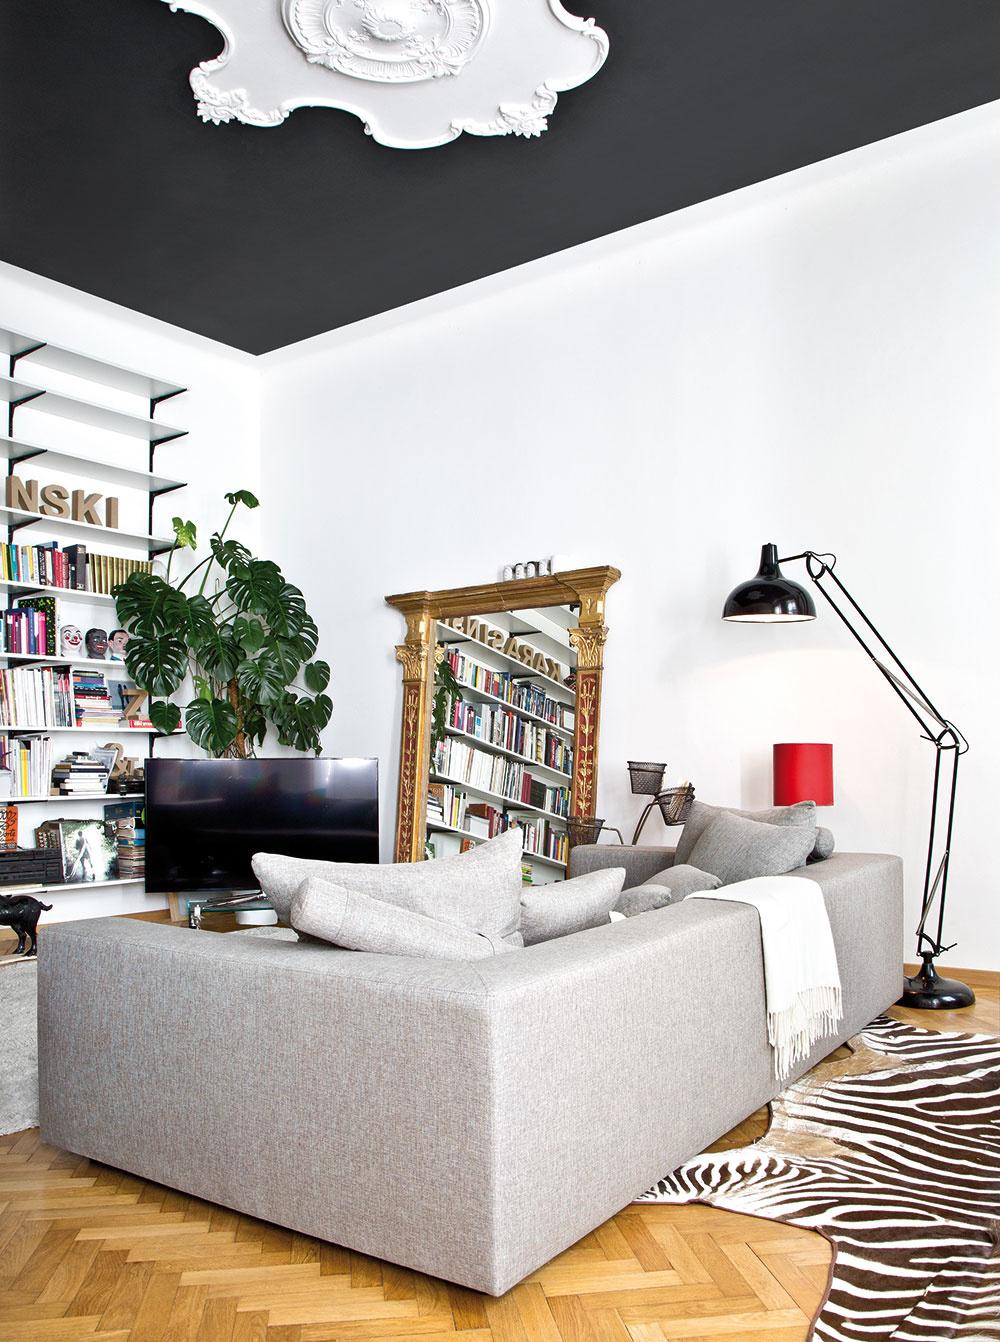 ČIERNY STROP SO ŠTUKOVÝM ZDOBENÍM, zebria koža a starožitný zrkadlový rám sa napriek svojej výraznosti nebijú a vytvárajú v obývačke punc luxusu.